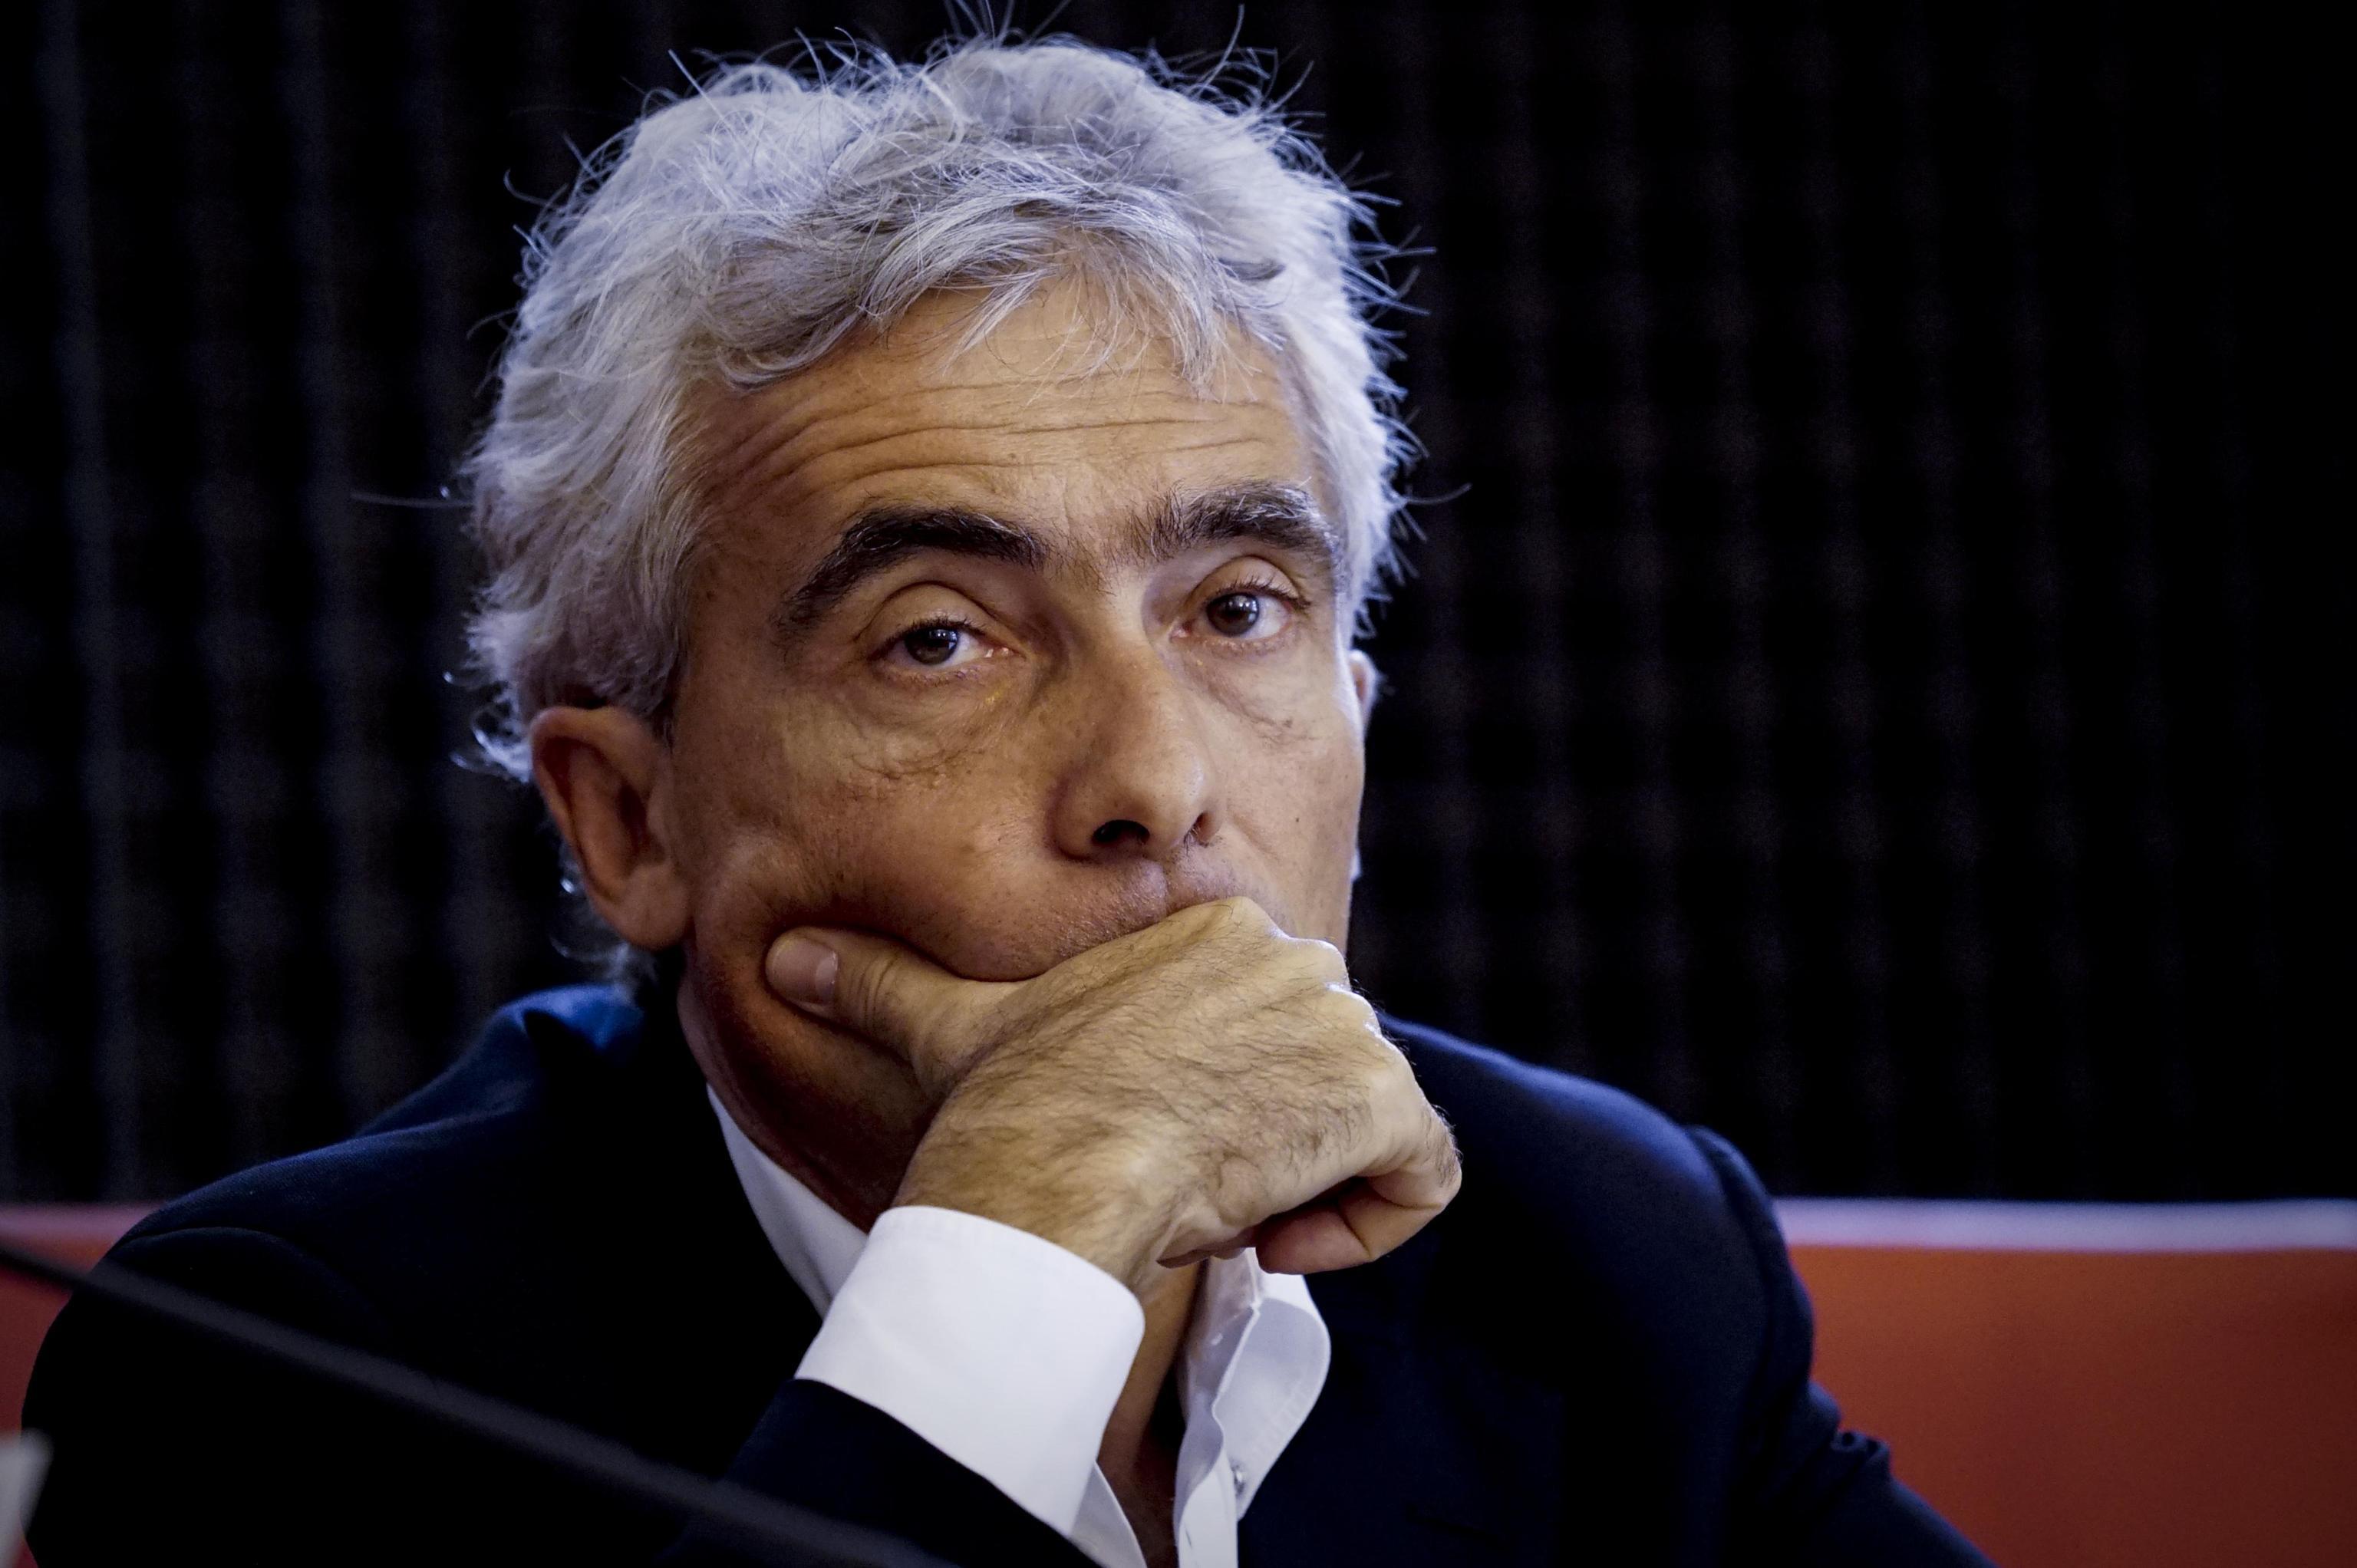 In Italia 6 milioni di pensionati prendono meno 1.000 euro (Inps)